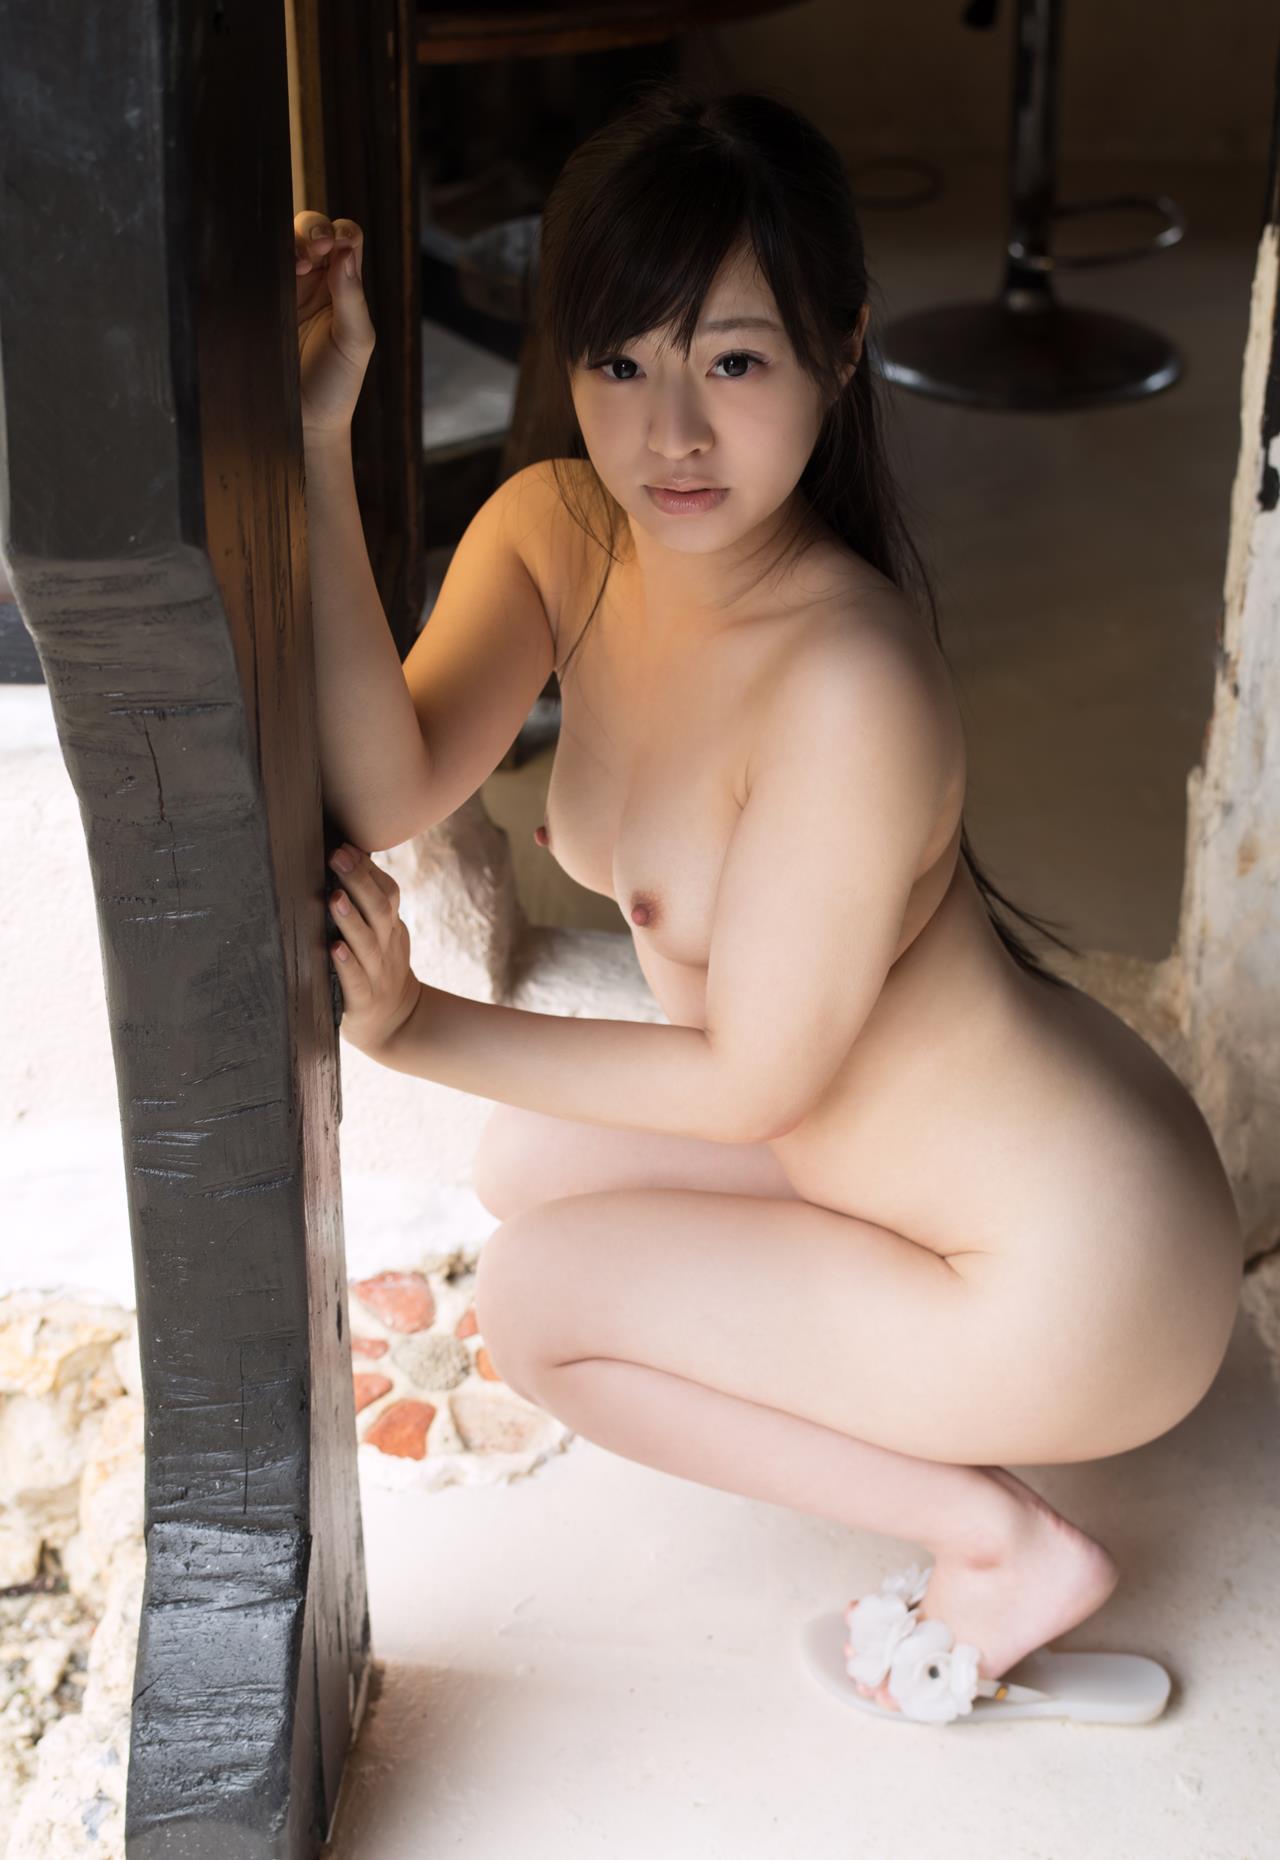 【桃尻かのんエロ画像】処女デビューからエッチに成長!パイパン美少女・桃尻かのん(;´∀`)